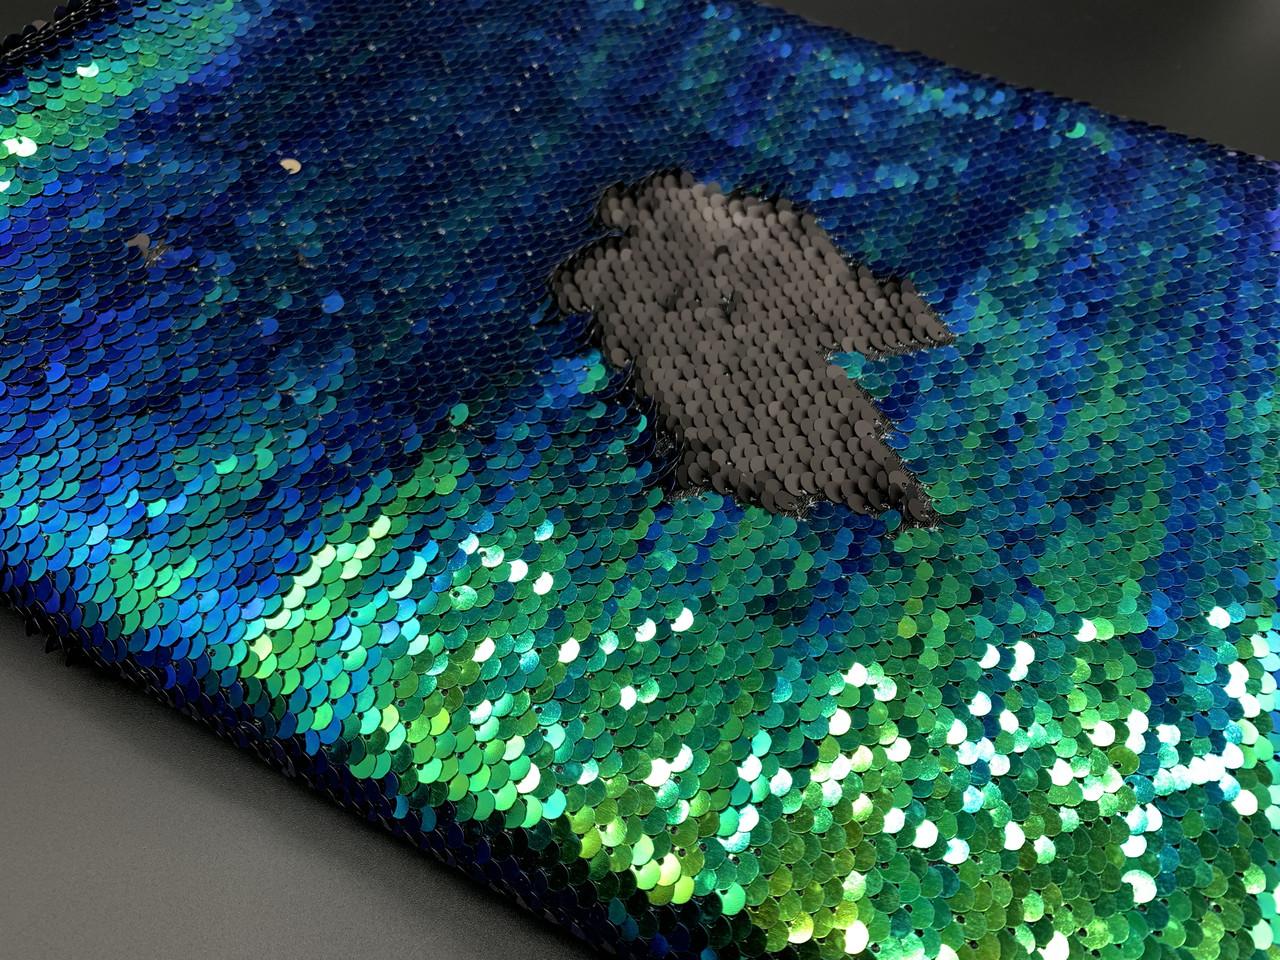 Ткань пайетка двухсторонняя. Цвет сине зелено-черный. Хамелеон.